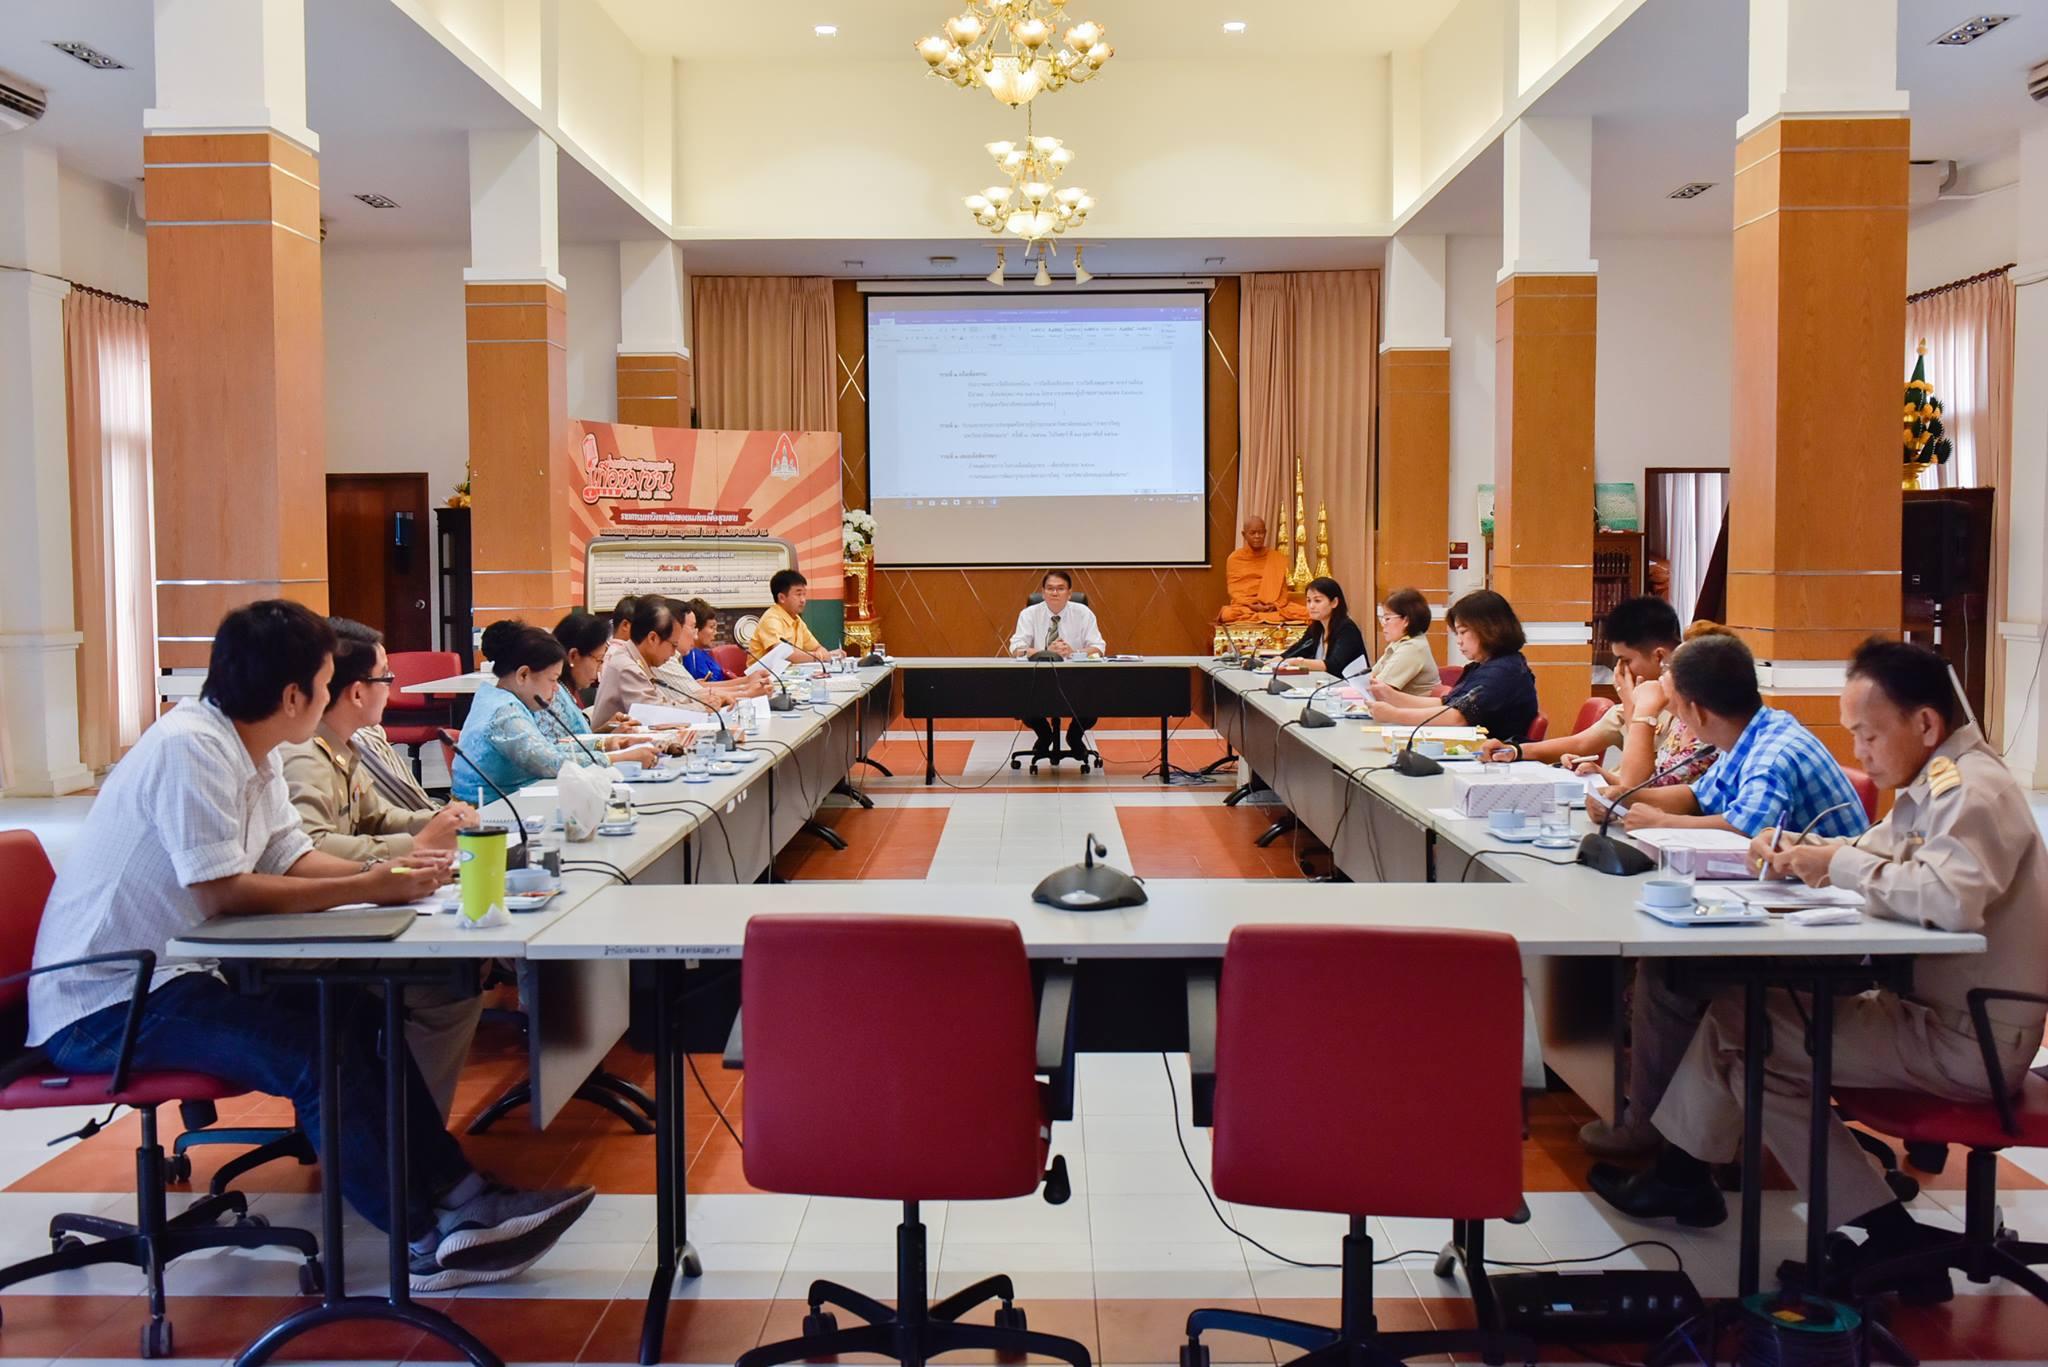 มข. จัดประชุมเครือข่ายผู้นำชุมชนนักจัดรายการวิทยุ ระดมความเห็นนำความรู้สู่ชุมชน ครั้งที่2